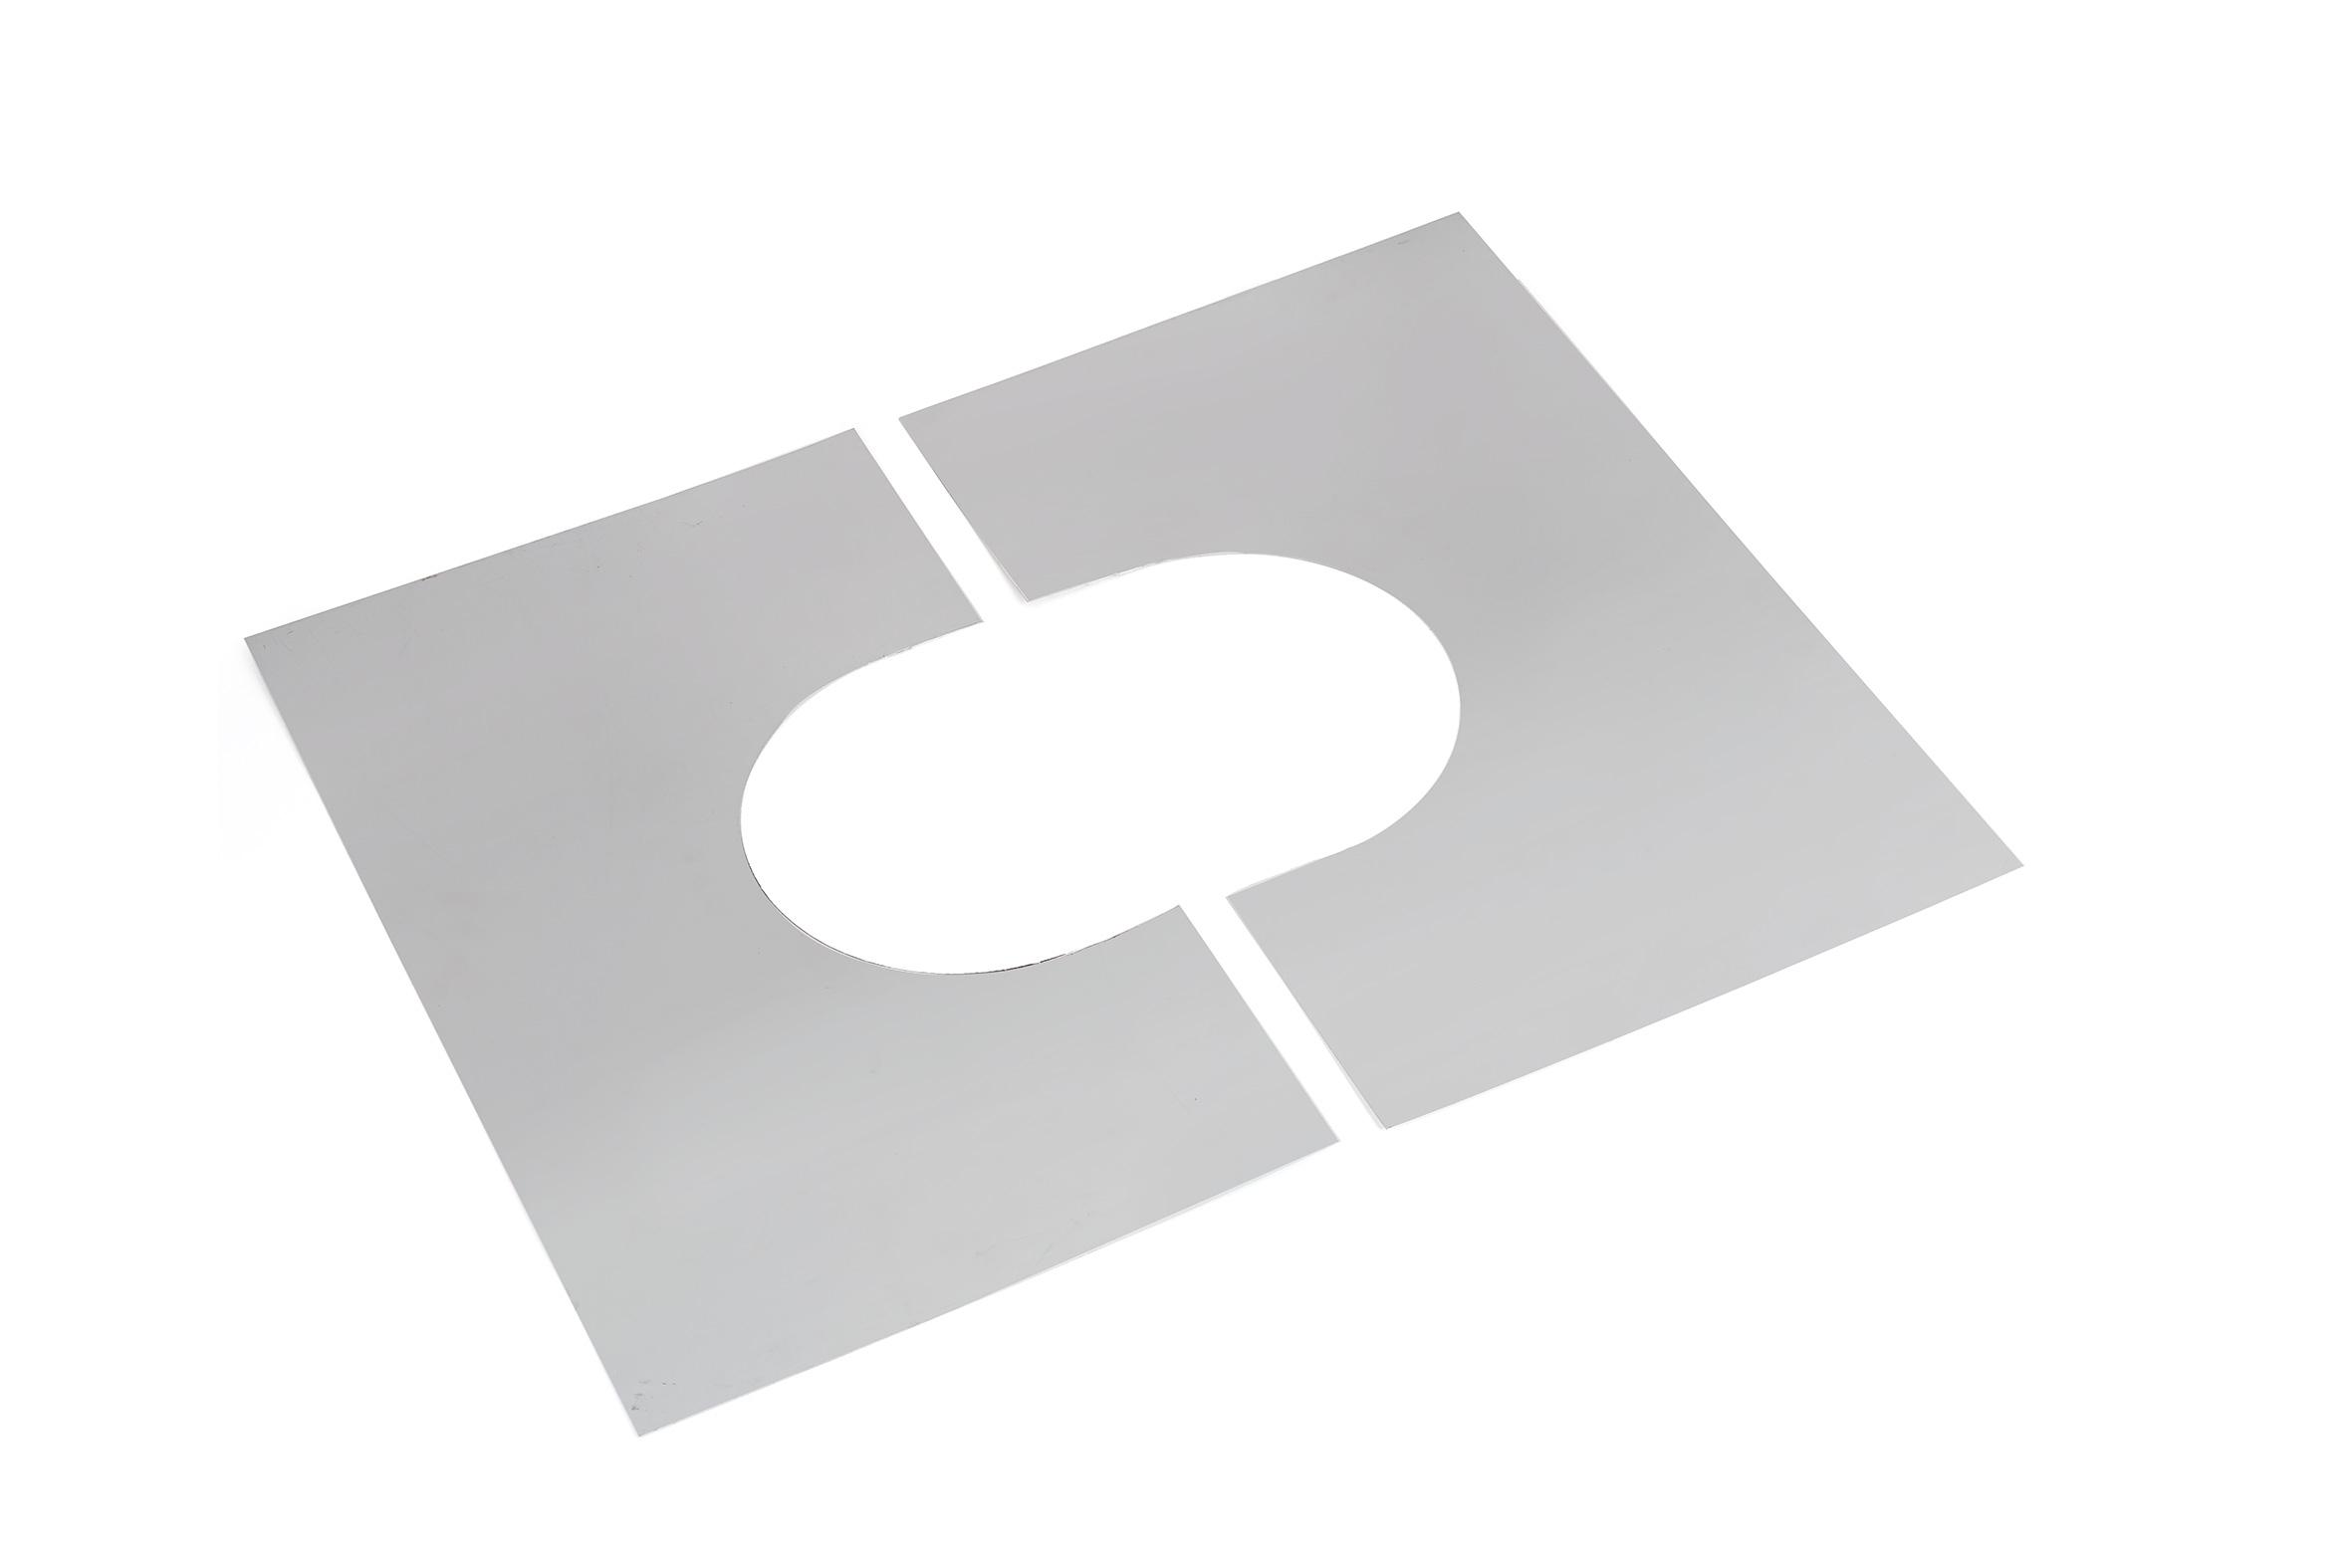 plaque de propret inox r f conduits de fum e. Black Bedroom Furniture Sets. Home Design Ideas